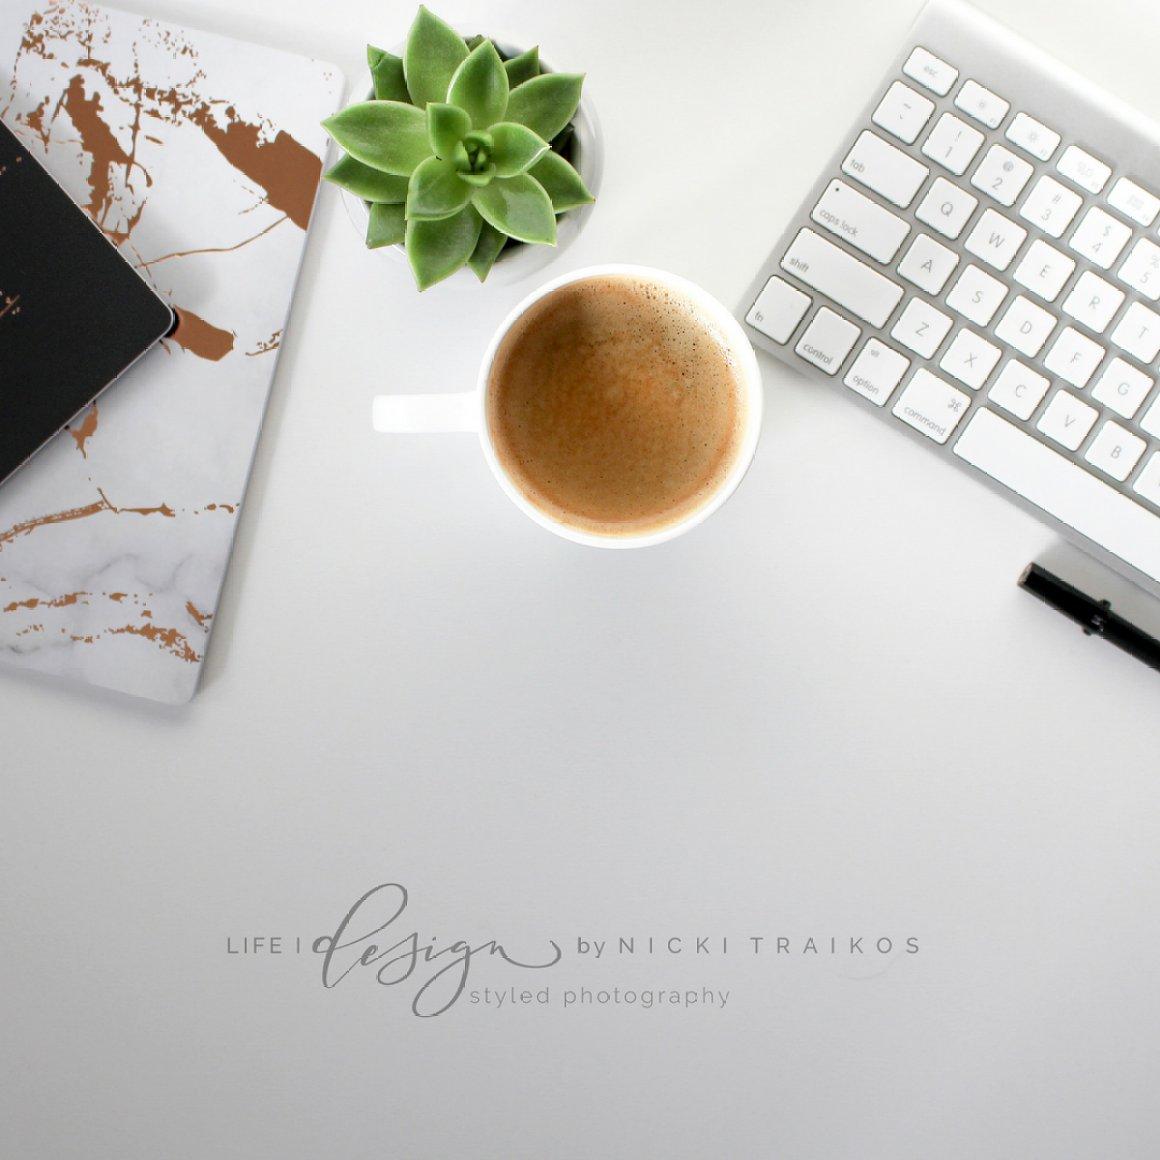 Minimalist Desktop with Keyboard